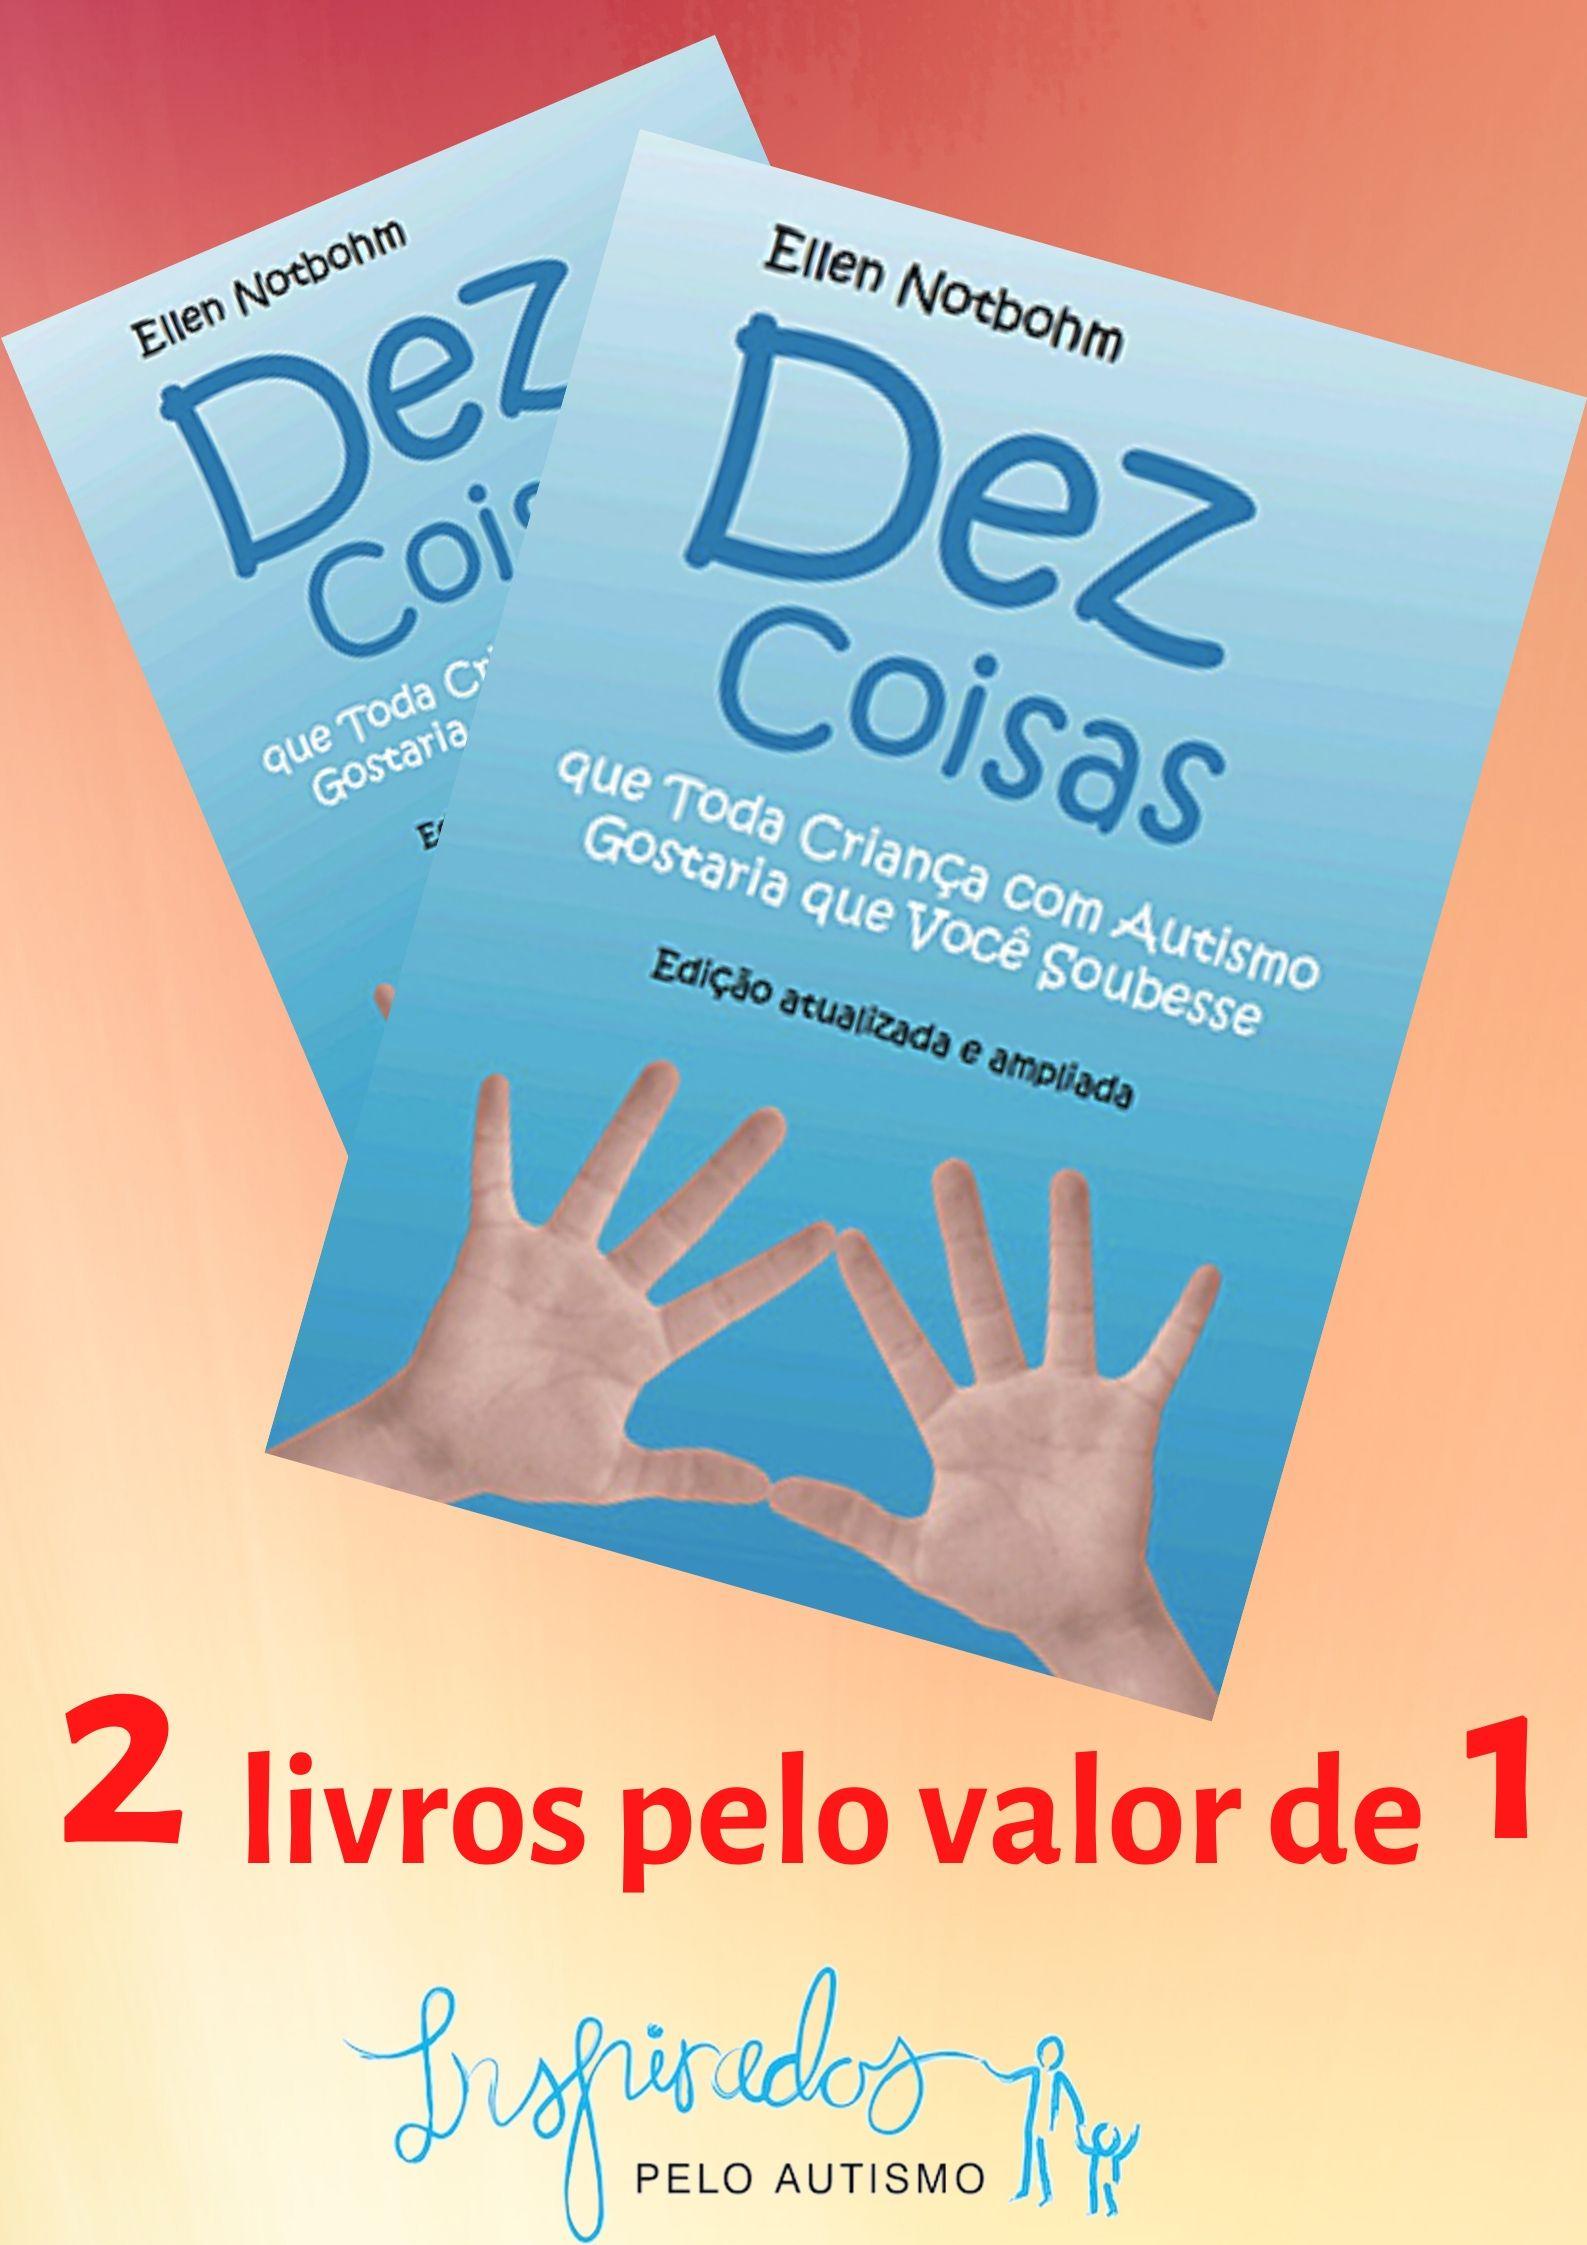 2 livros pelo valor de 1